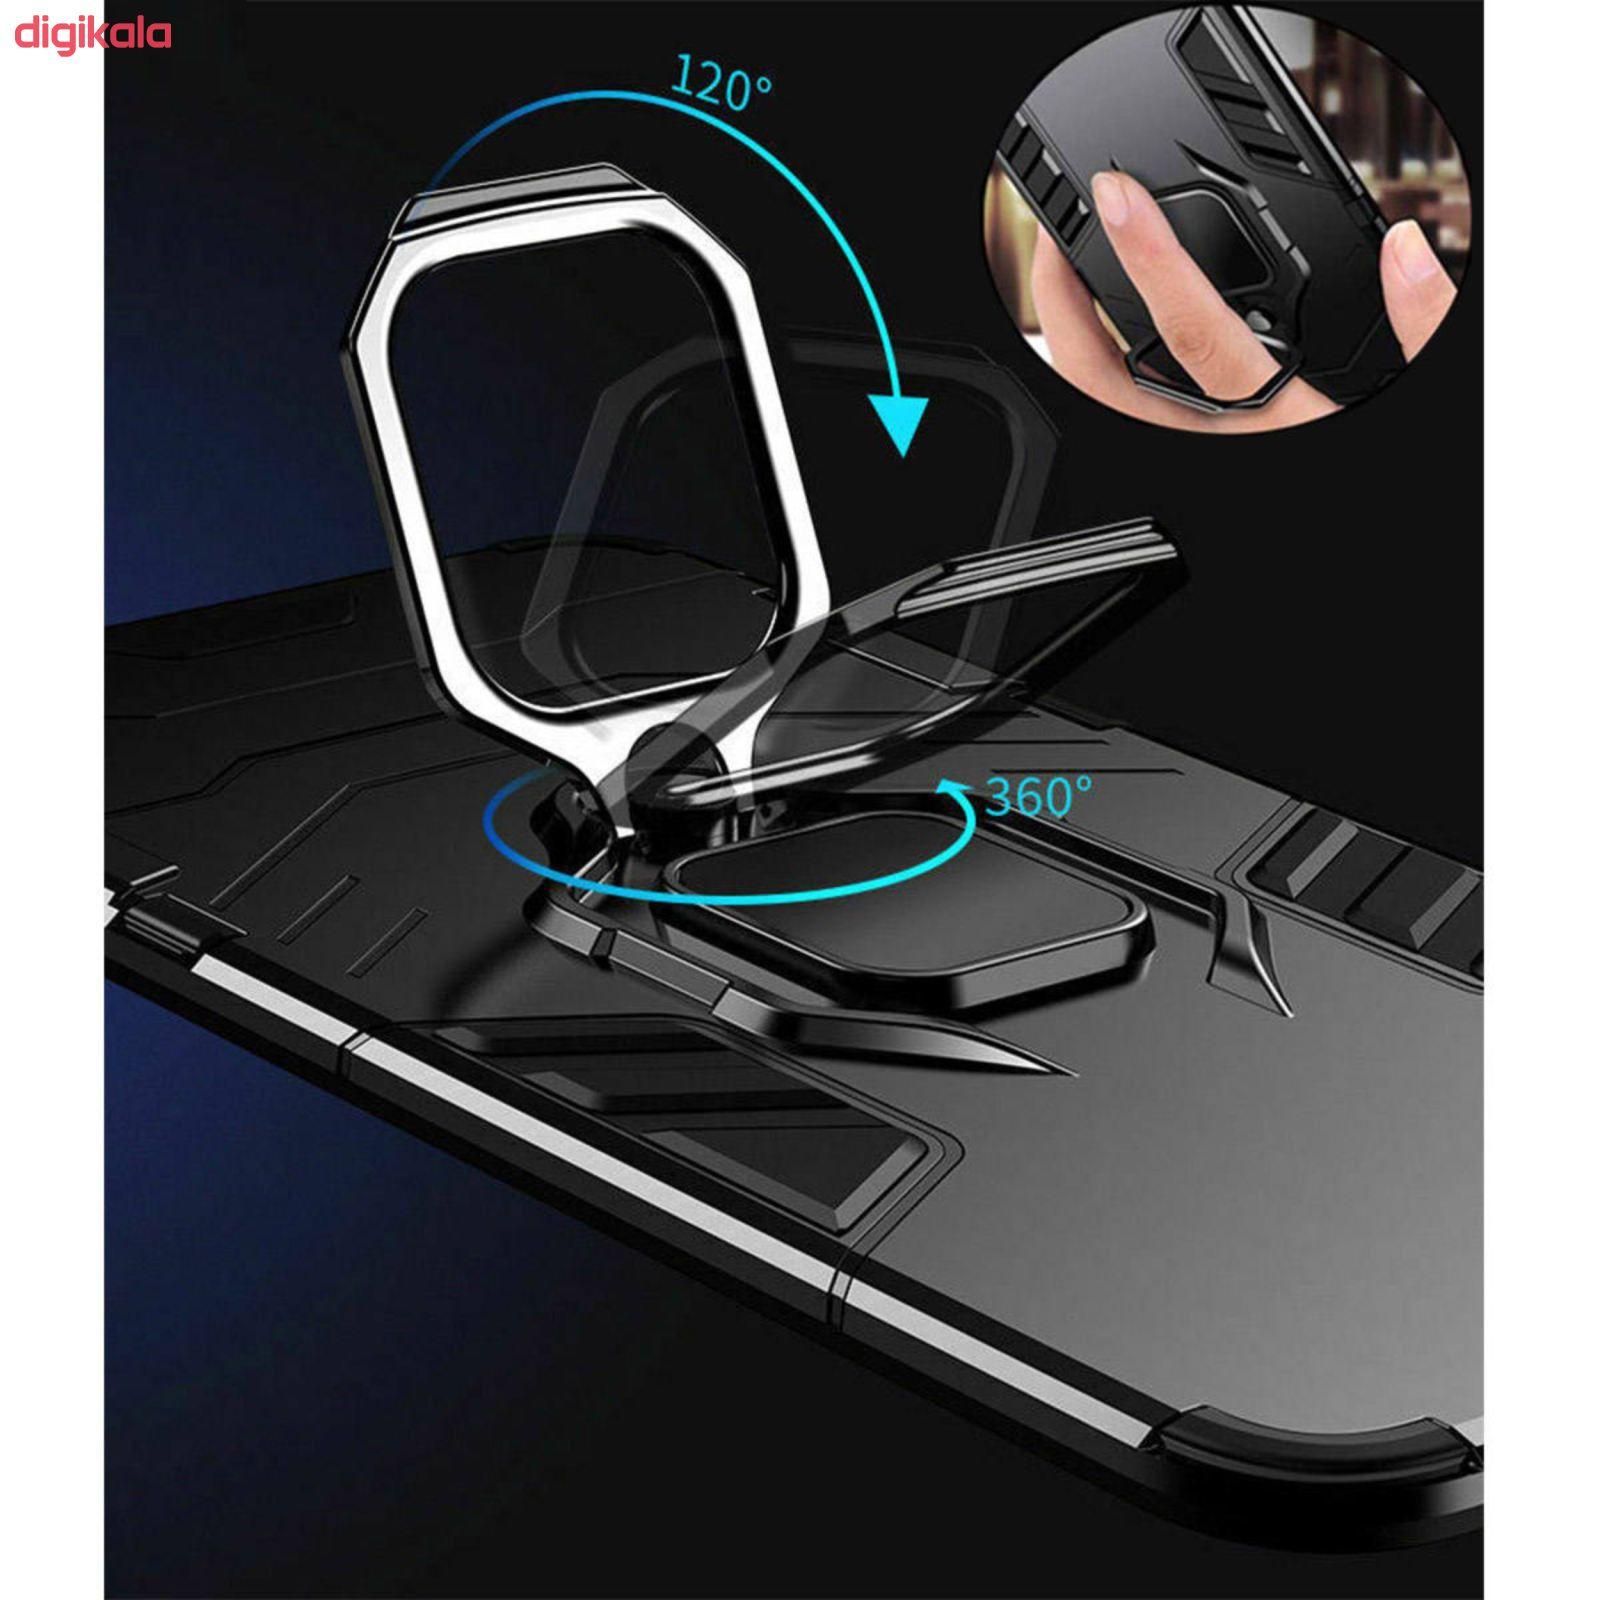 کاور مدل DEF02 مناسب برای گوشی موبایل سامسونگ Galaxy A21s main 1 6